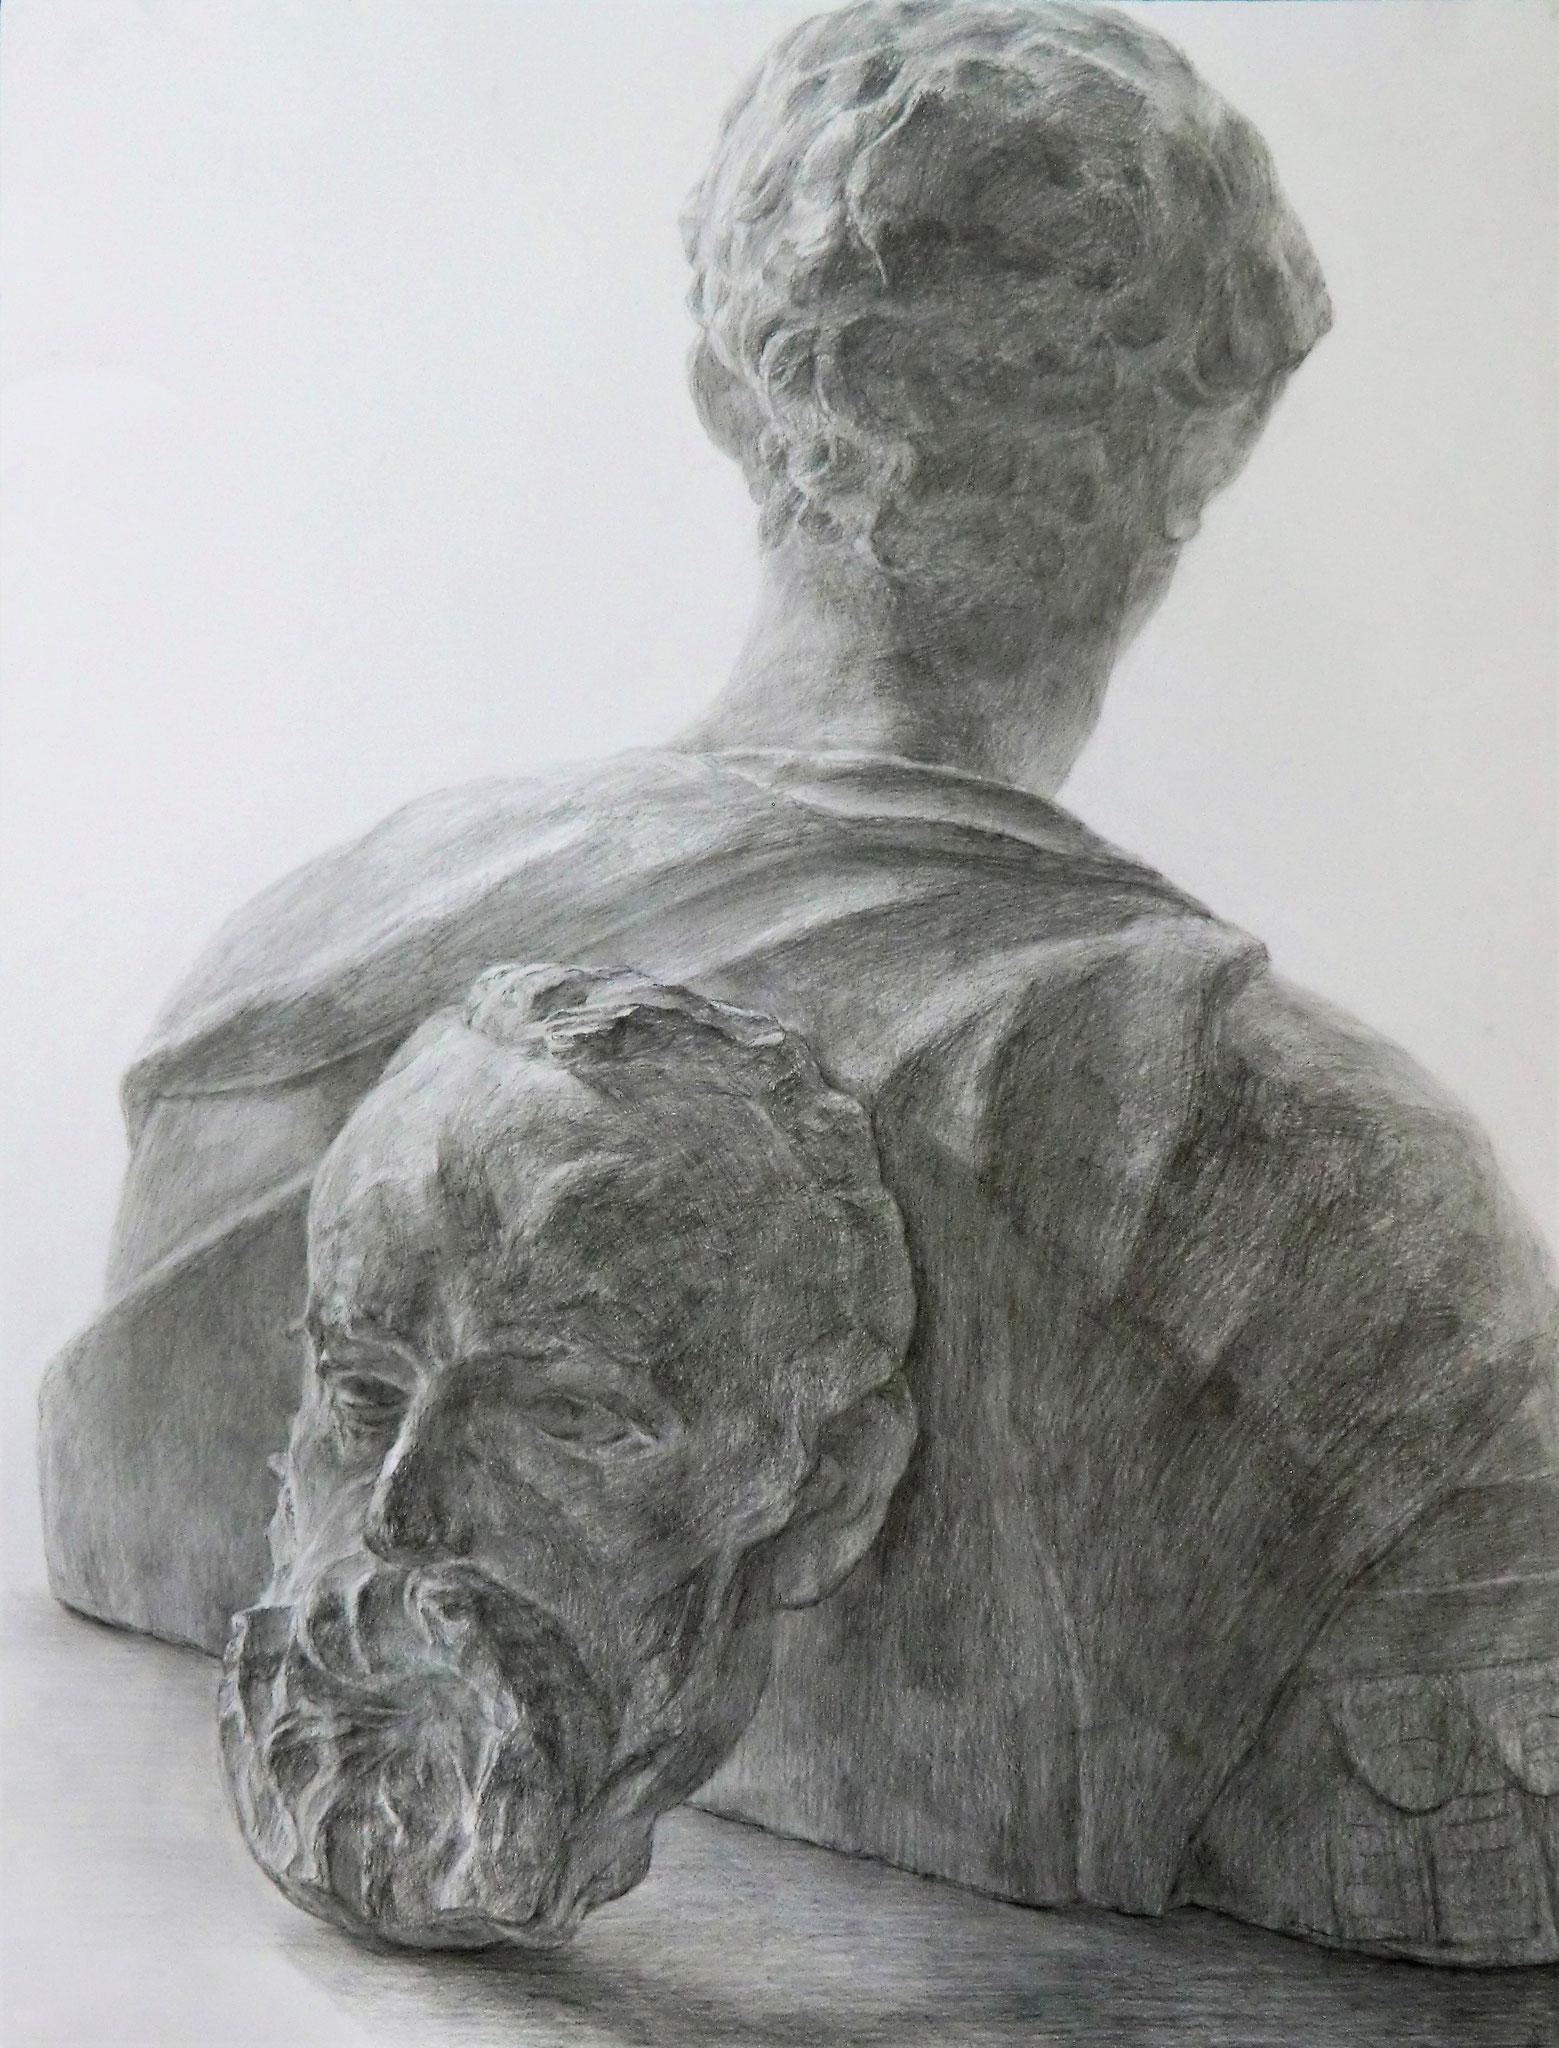 生徒作品16 鉛筆デッサン<聖ジョルジョ像にヴィクトル・ユゴー半面像> 630×480mm 白象紙 【日本画系】